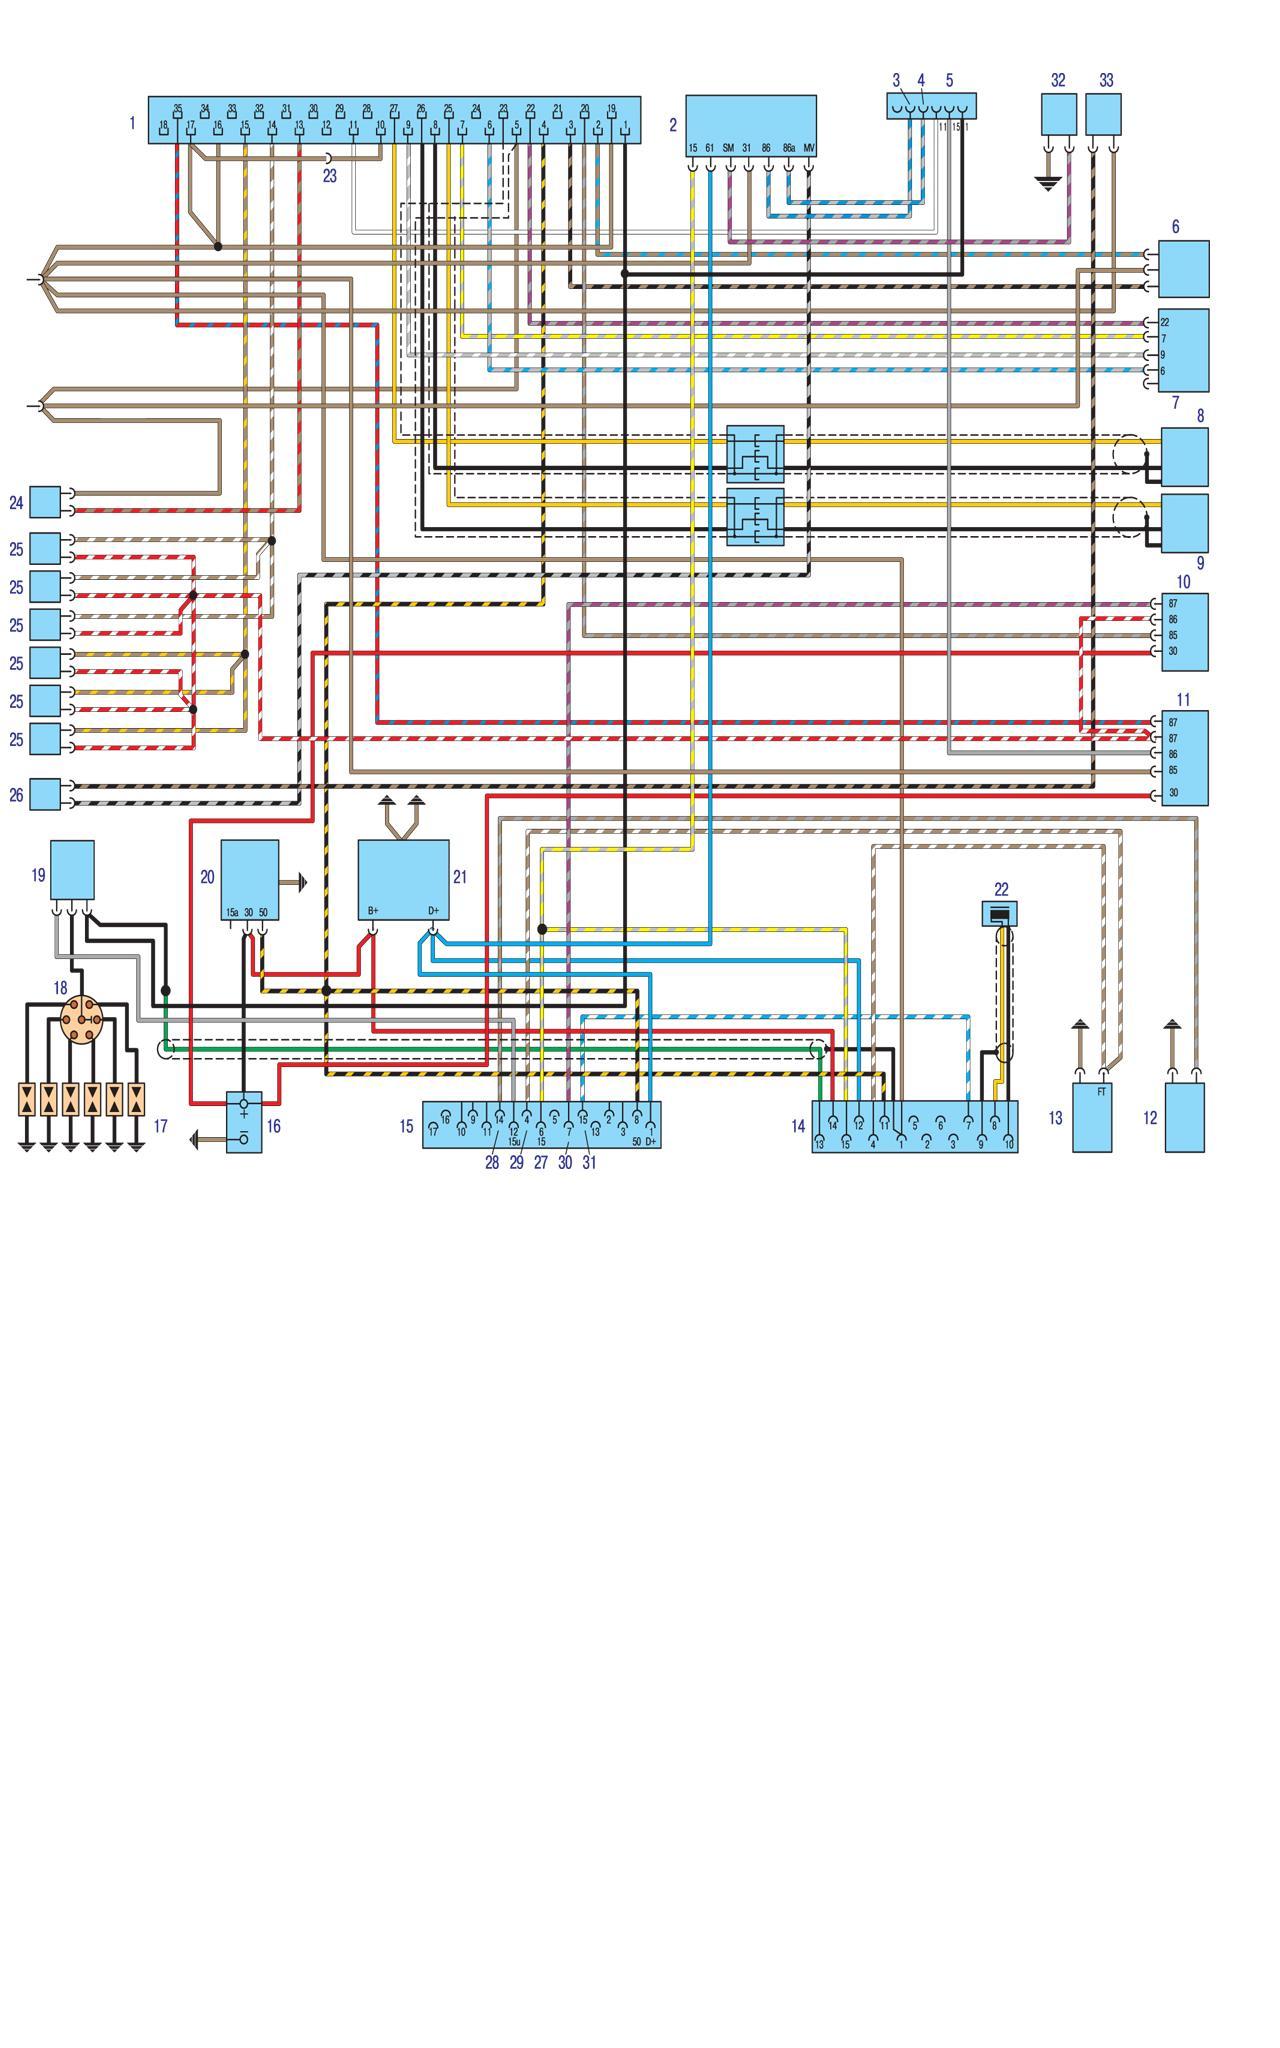 Схема телевизора витязь 37тц 6020